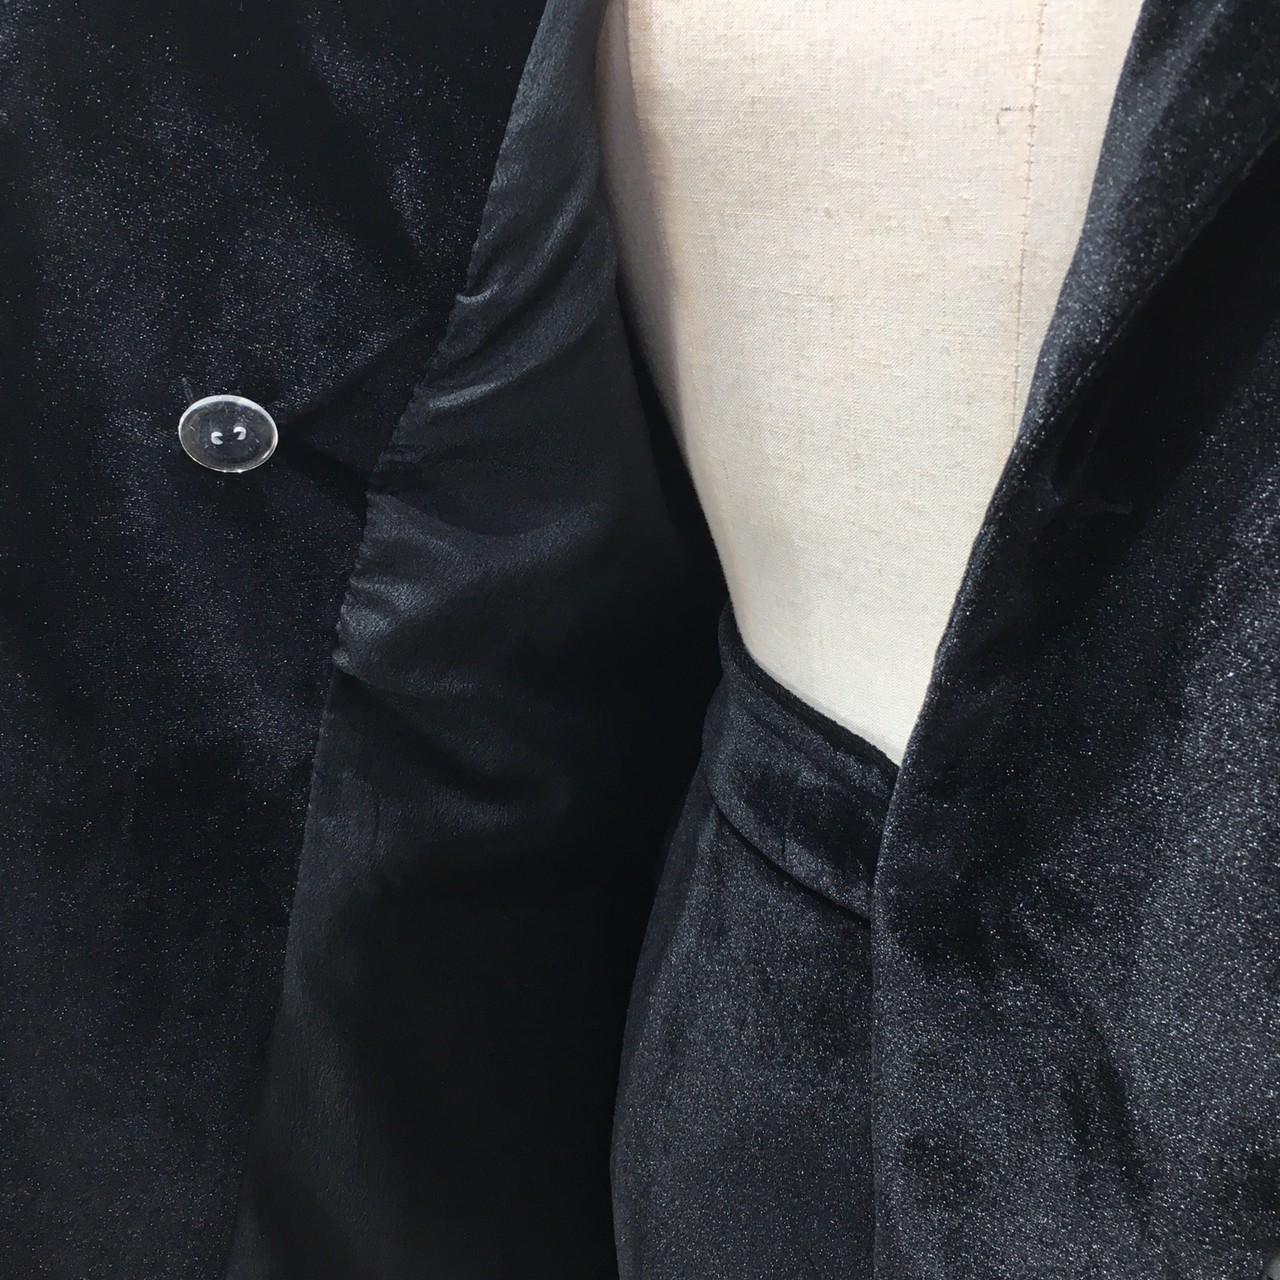 【即納】韓国 ファッション パンツ セットアップ パーティードレス 結婚式 お呼ばれドレス 秋 冬 パーティー ブライダル SPTXH554  起毛 ドレープ テーラードジャ 二次会 セレブ きれいめの写真17枚目